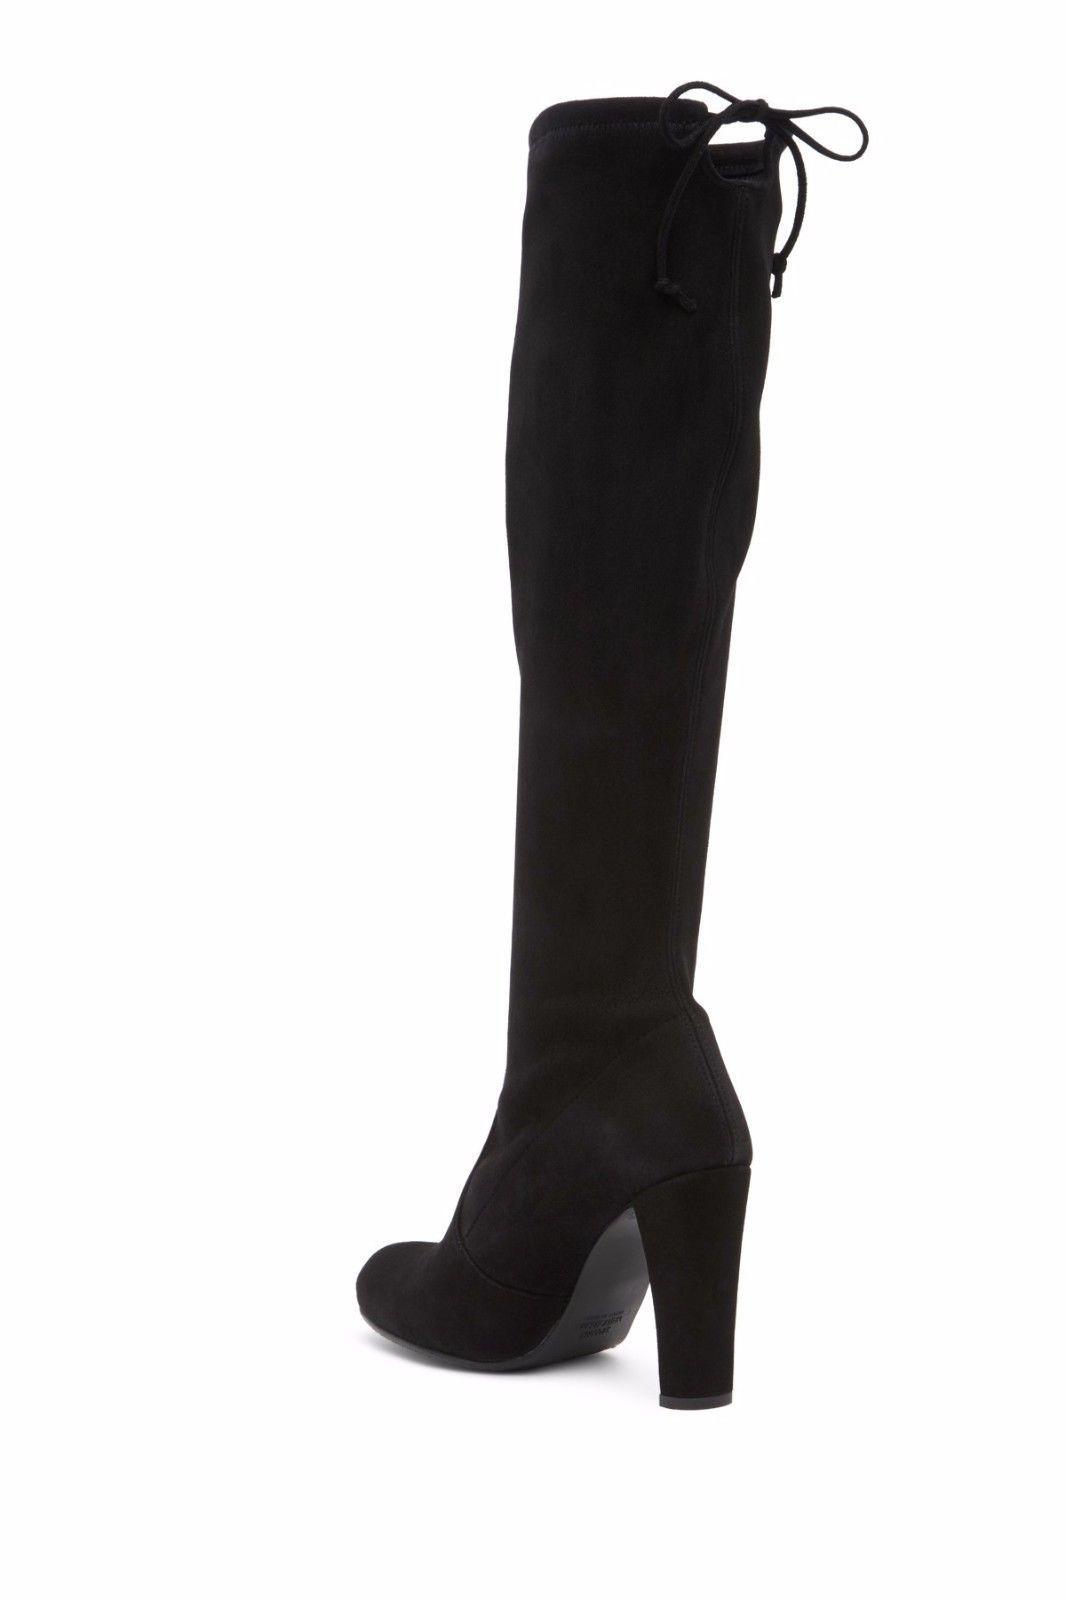 7b8a4b05d908 Stuart Weitzman Keenland Knee High Stretch Suede Boot Women's ...